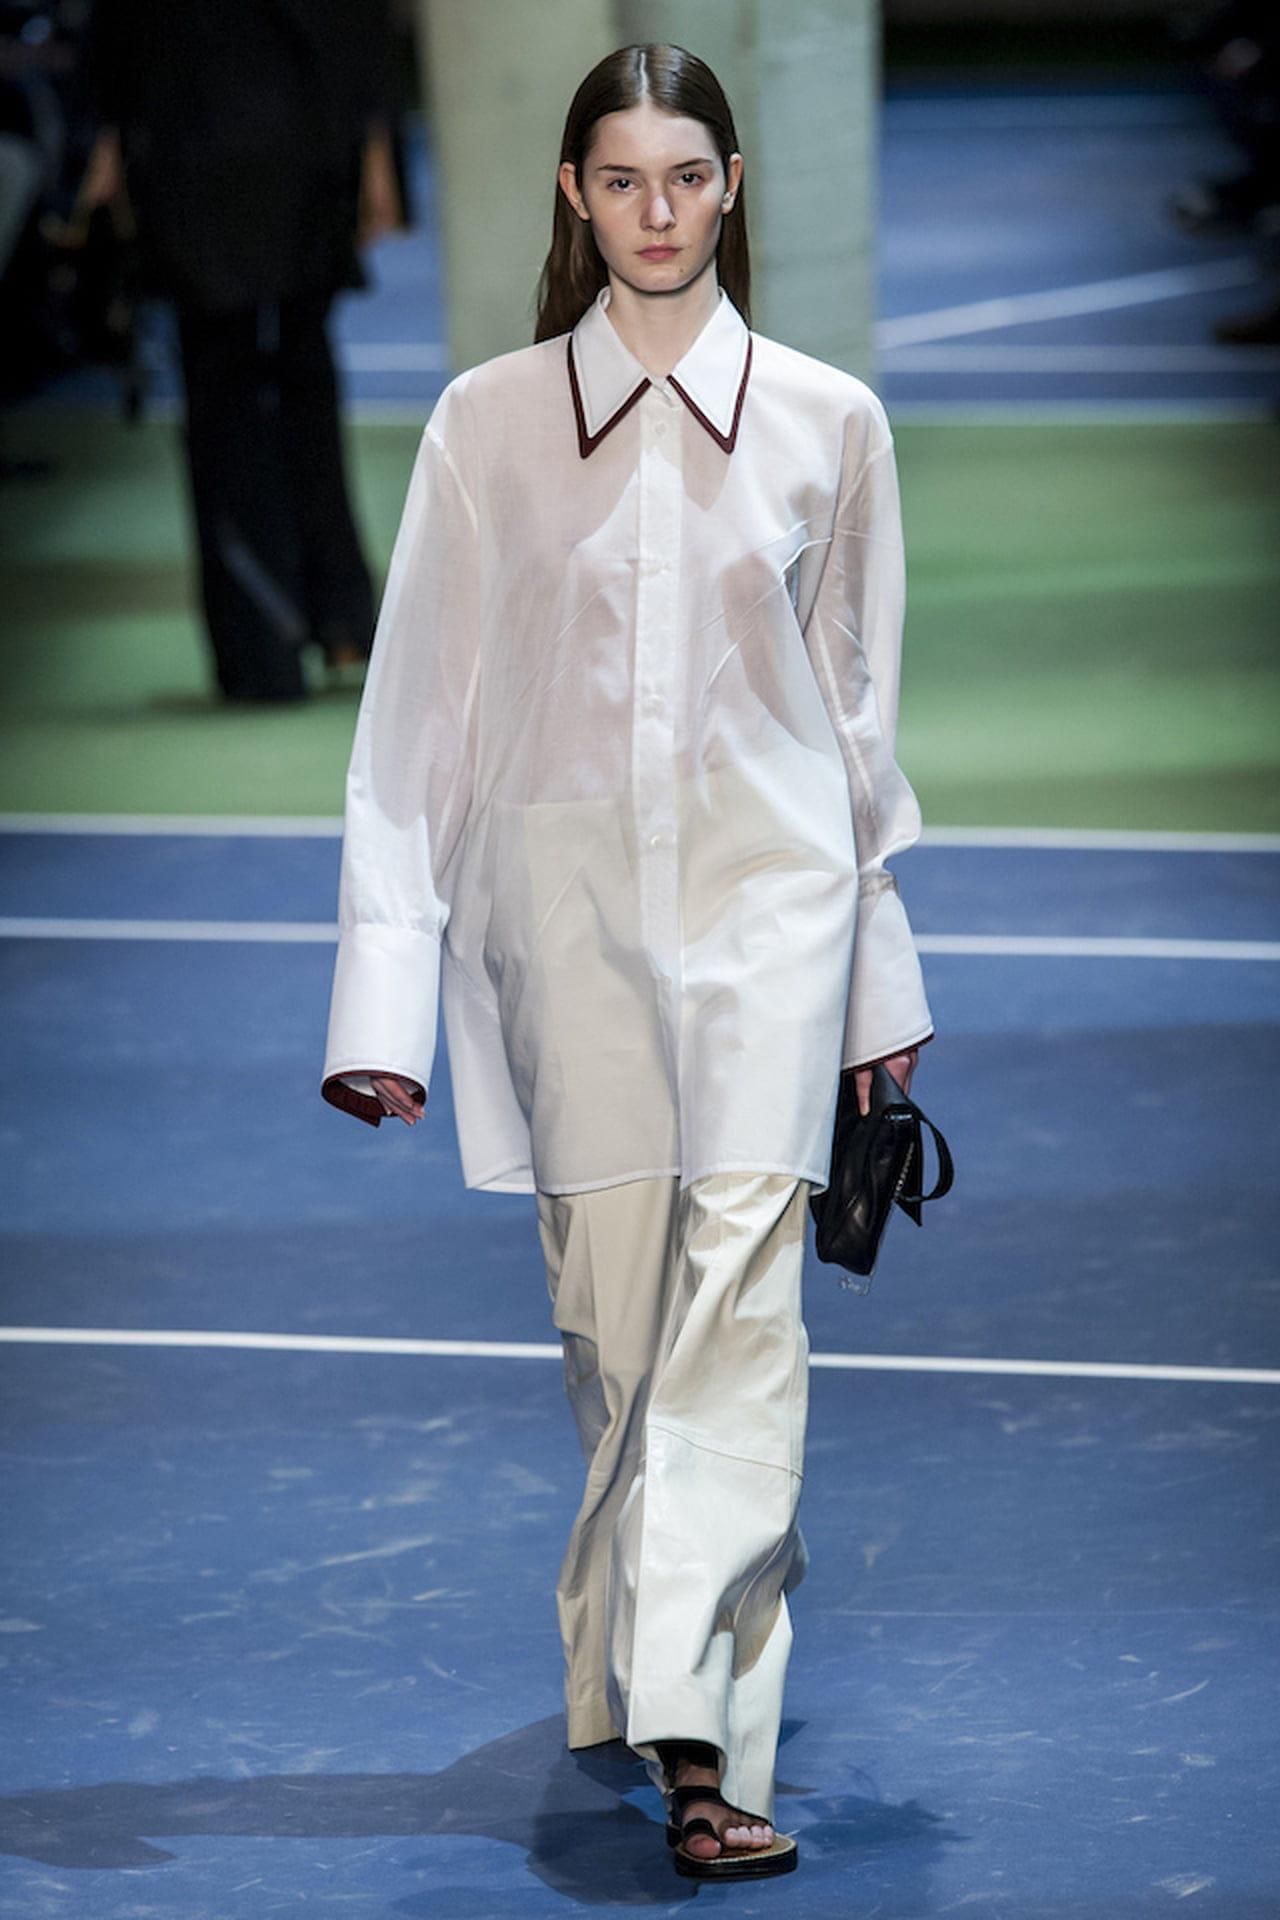 2eac2dff887123 Il colletto appuntito è un classico degli abiti in stile anni 30 che oggi  caratterizza anche modelli dalla foggia decisamente contemporanea. ©  Imaxtree.com